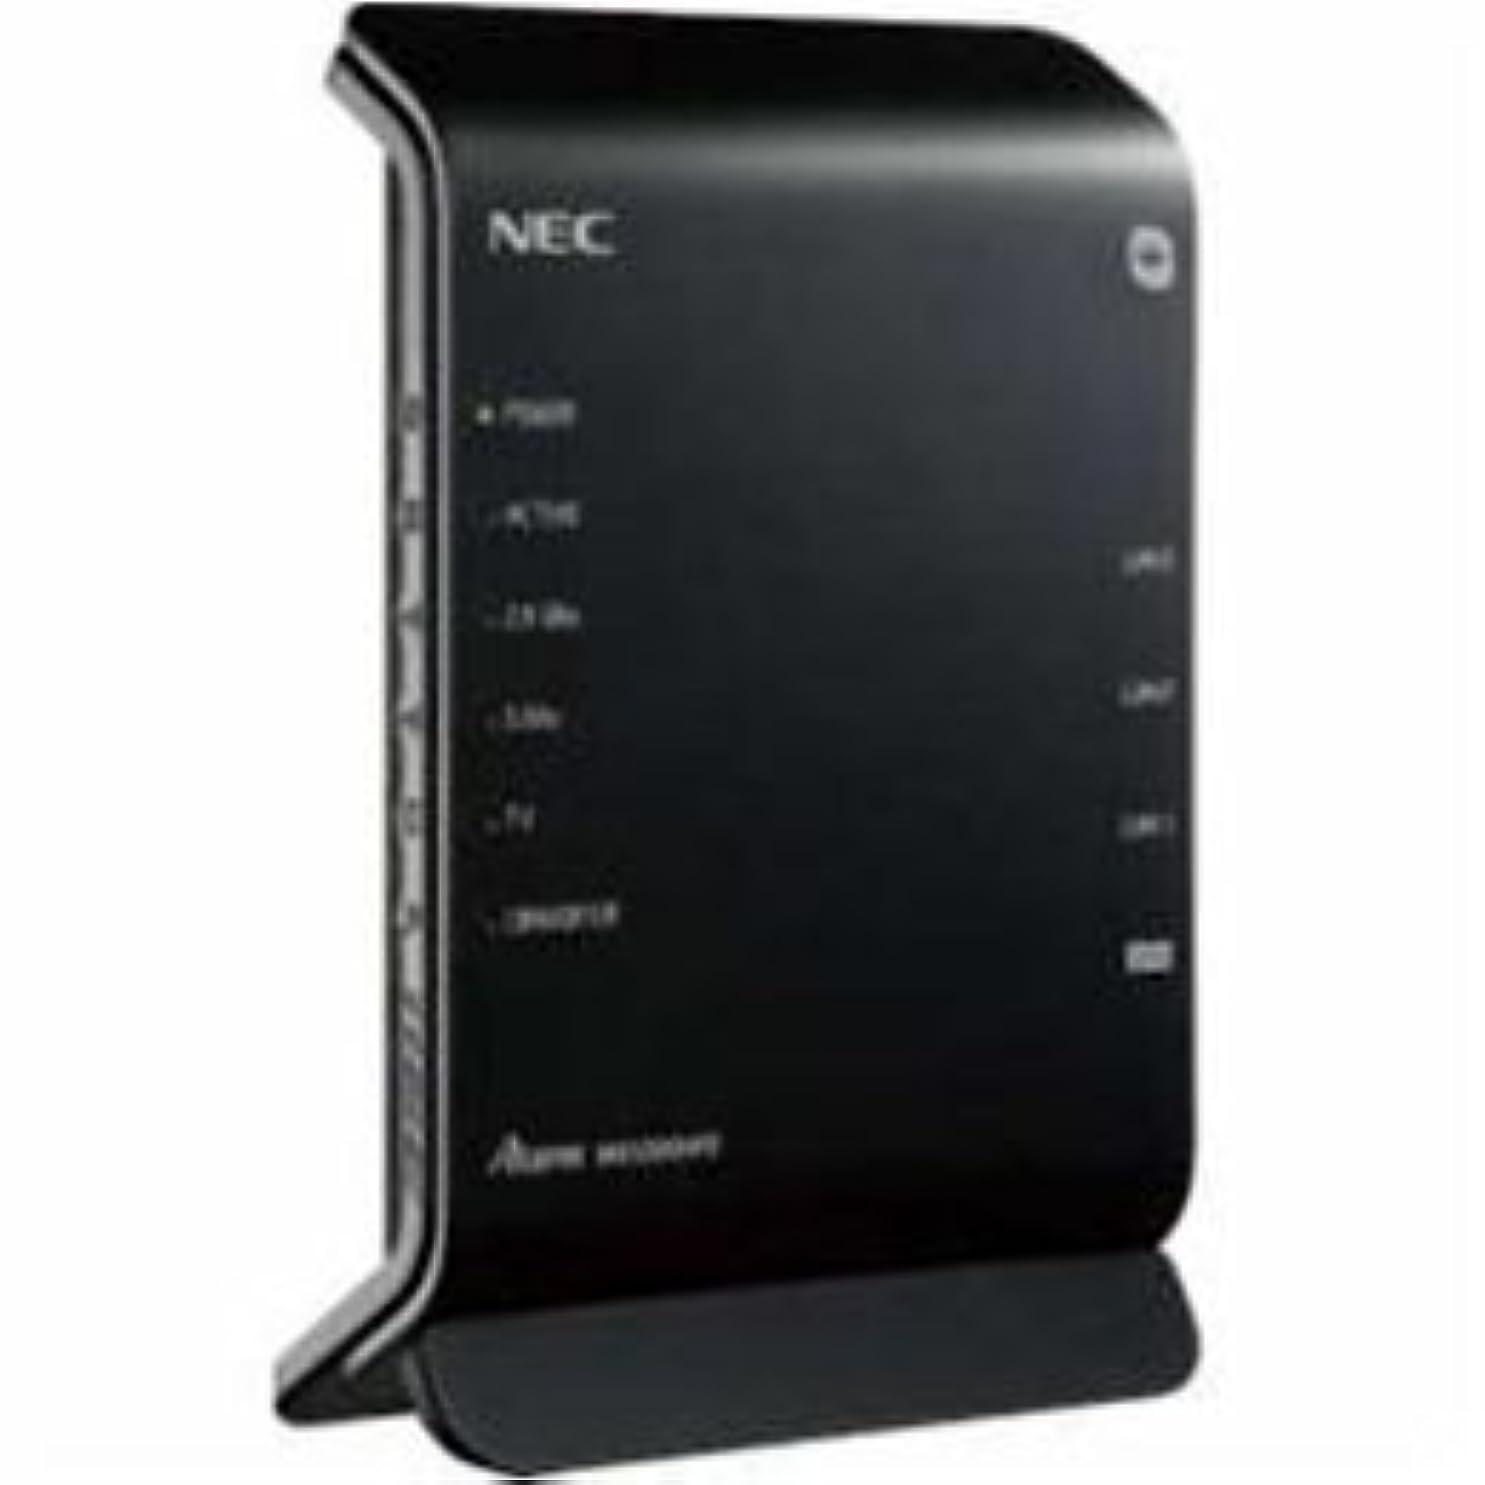 ご近所反応する対応【まとめ 3セット】 NEC 11ac対応 867+300Mbps 無線LANルータ(親機単体) PA-WG1200HP3